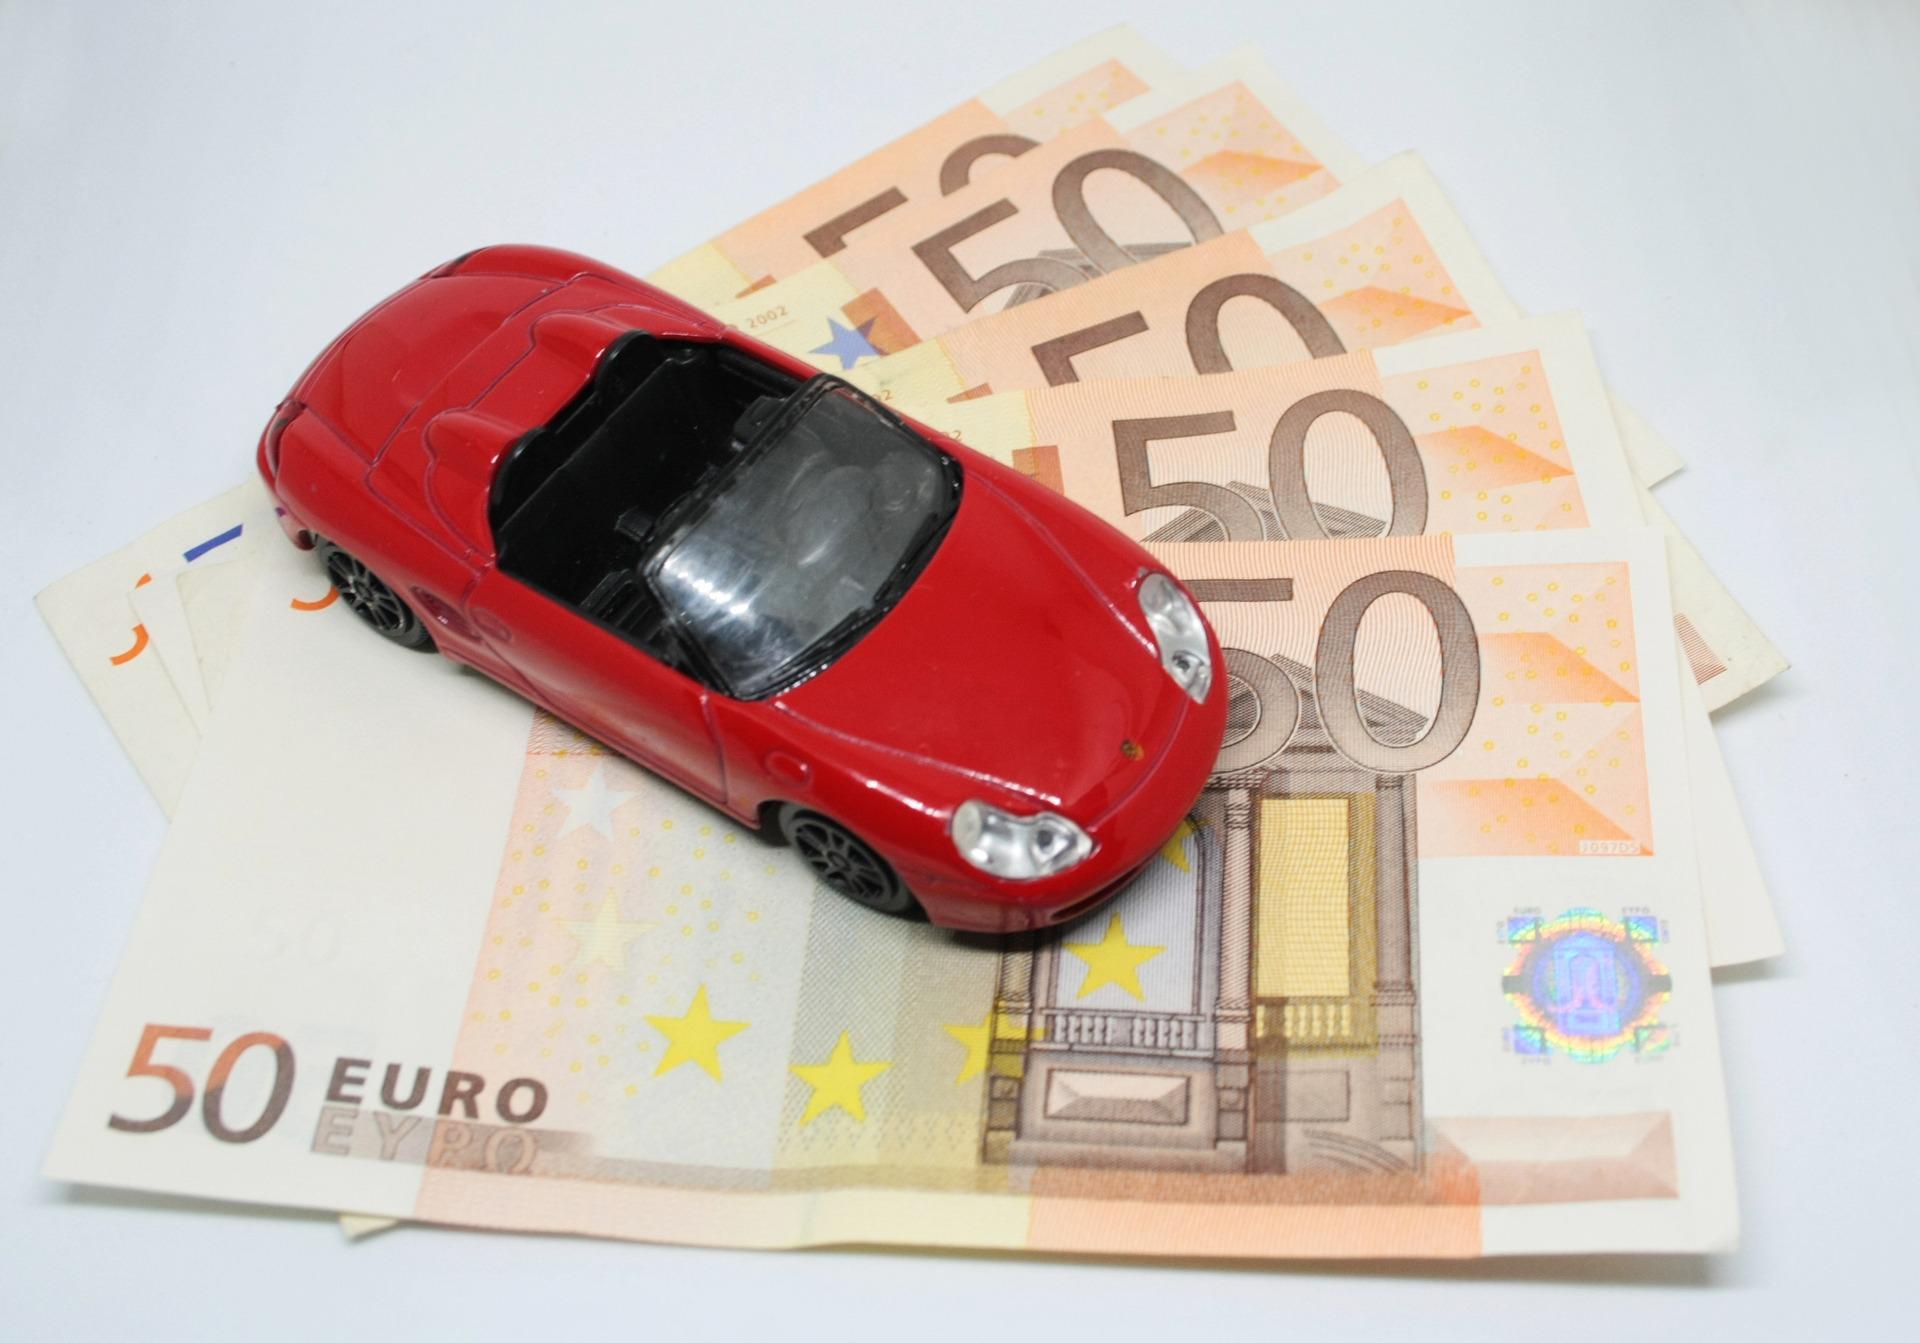 Musterklage gegen VW-Bank